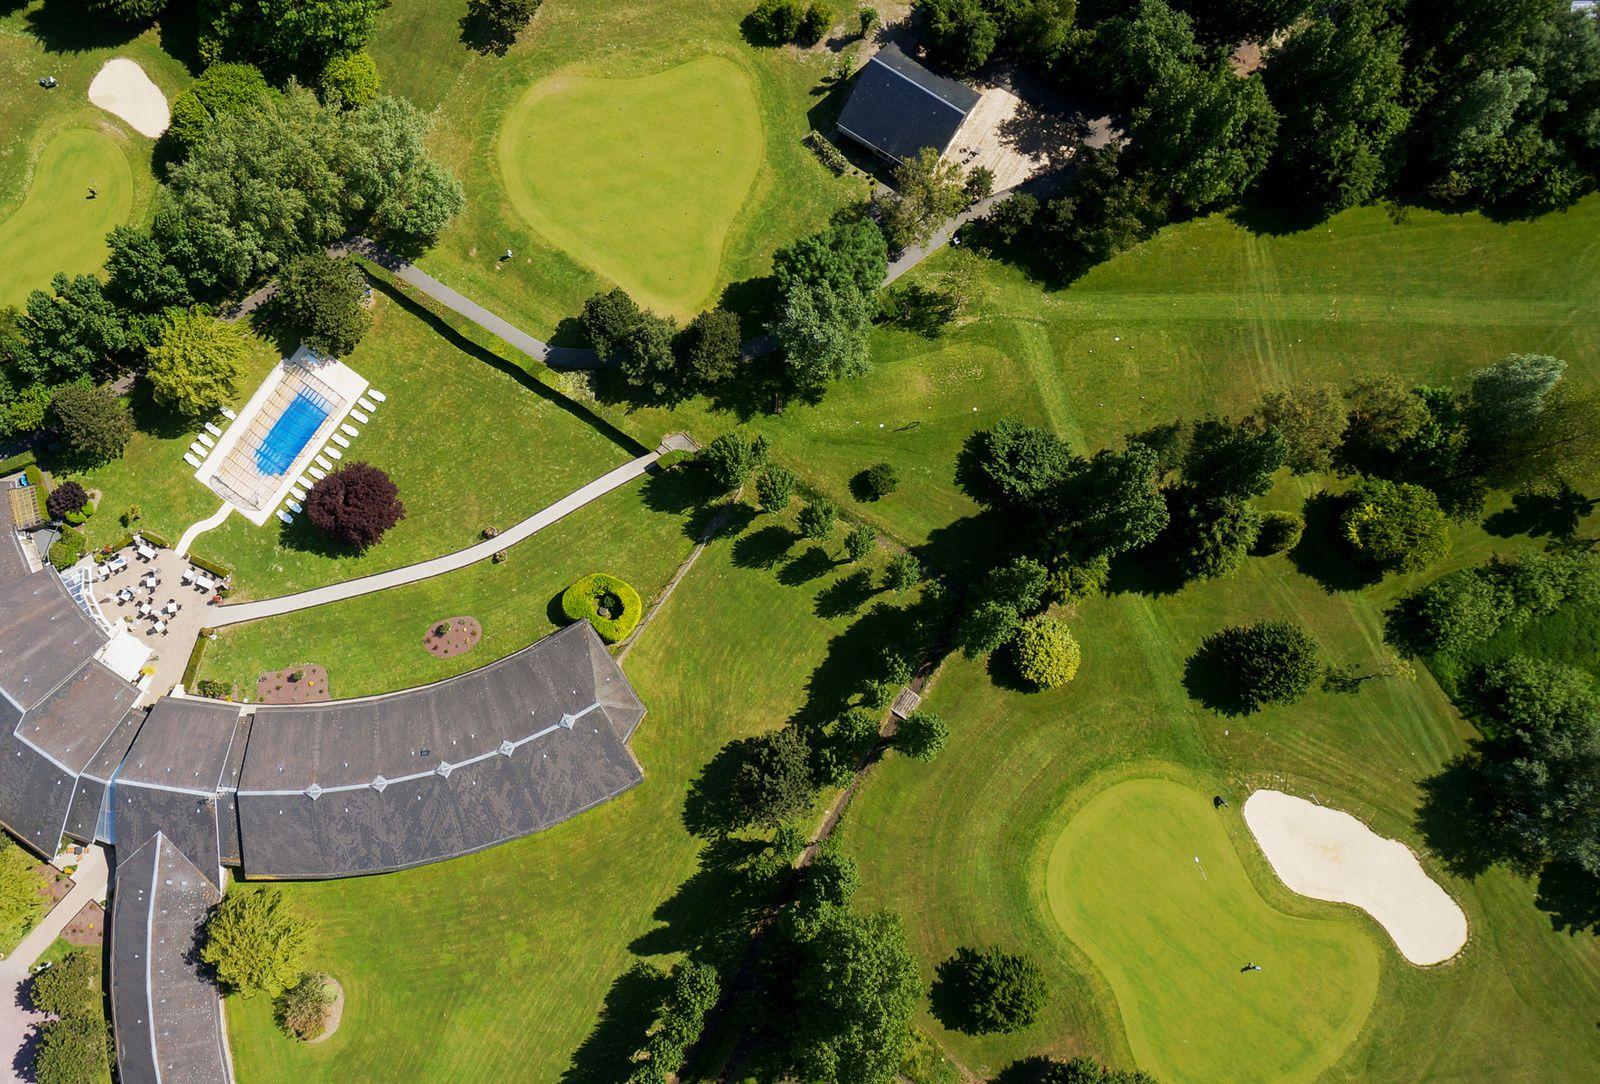 Le golf de Cabourg, et celui, miniature, de Merville Franceville. Photos aériennes François Monier. Mai 2015